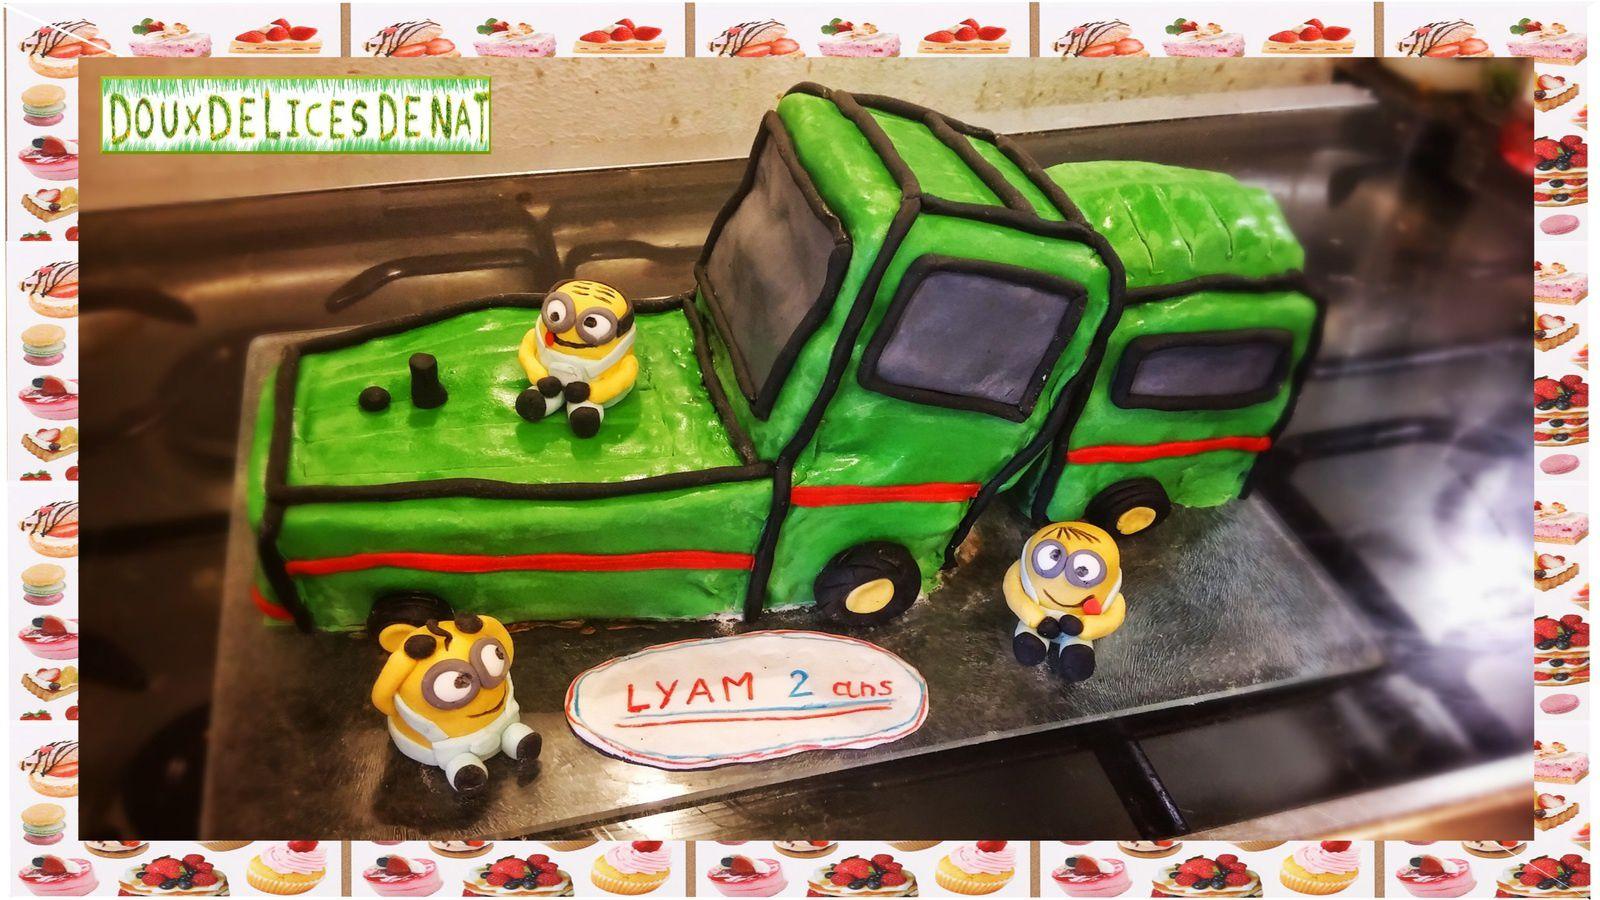 G teau tracteur et minions doux d lices de nat - Tracteur rigolo ...